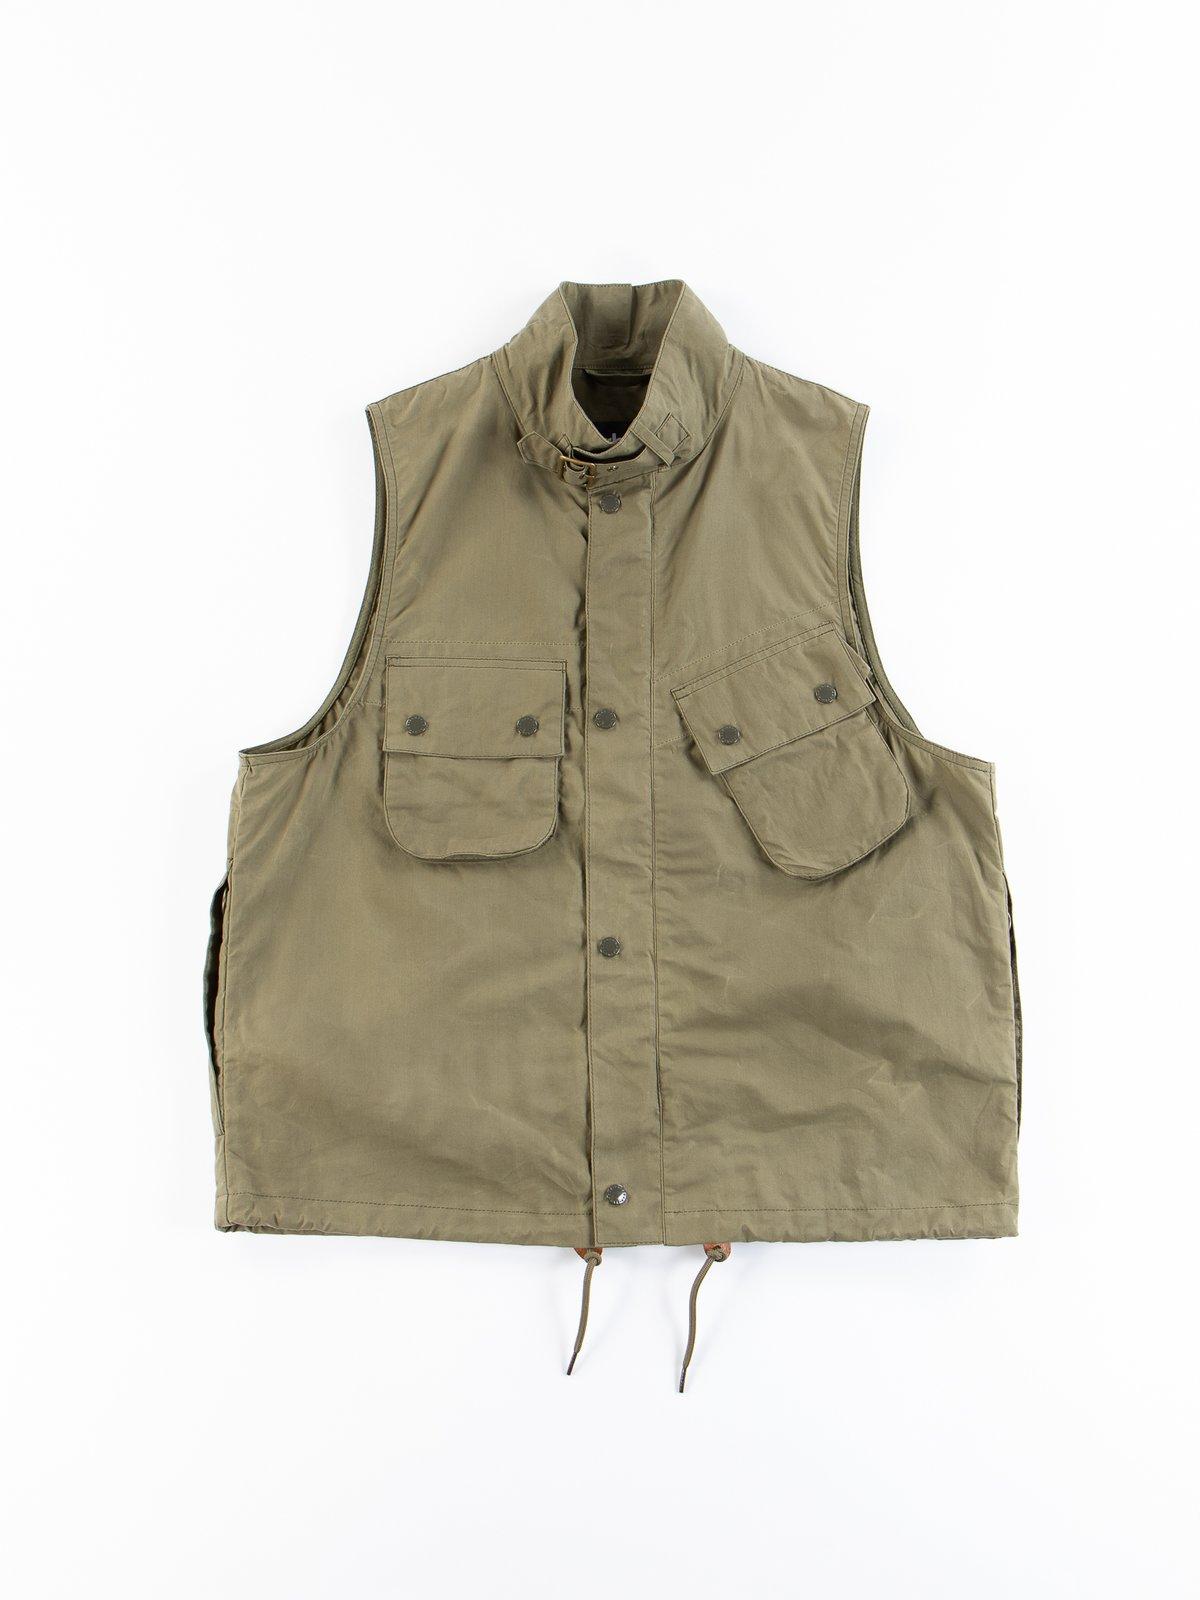 Olive Arthur Vest - Image 1